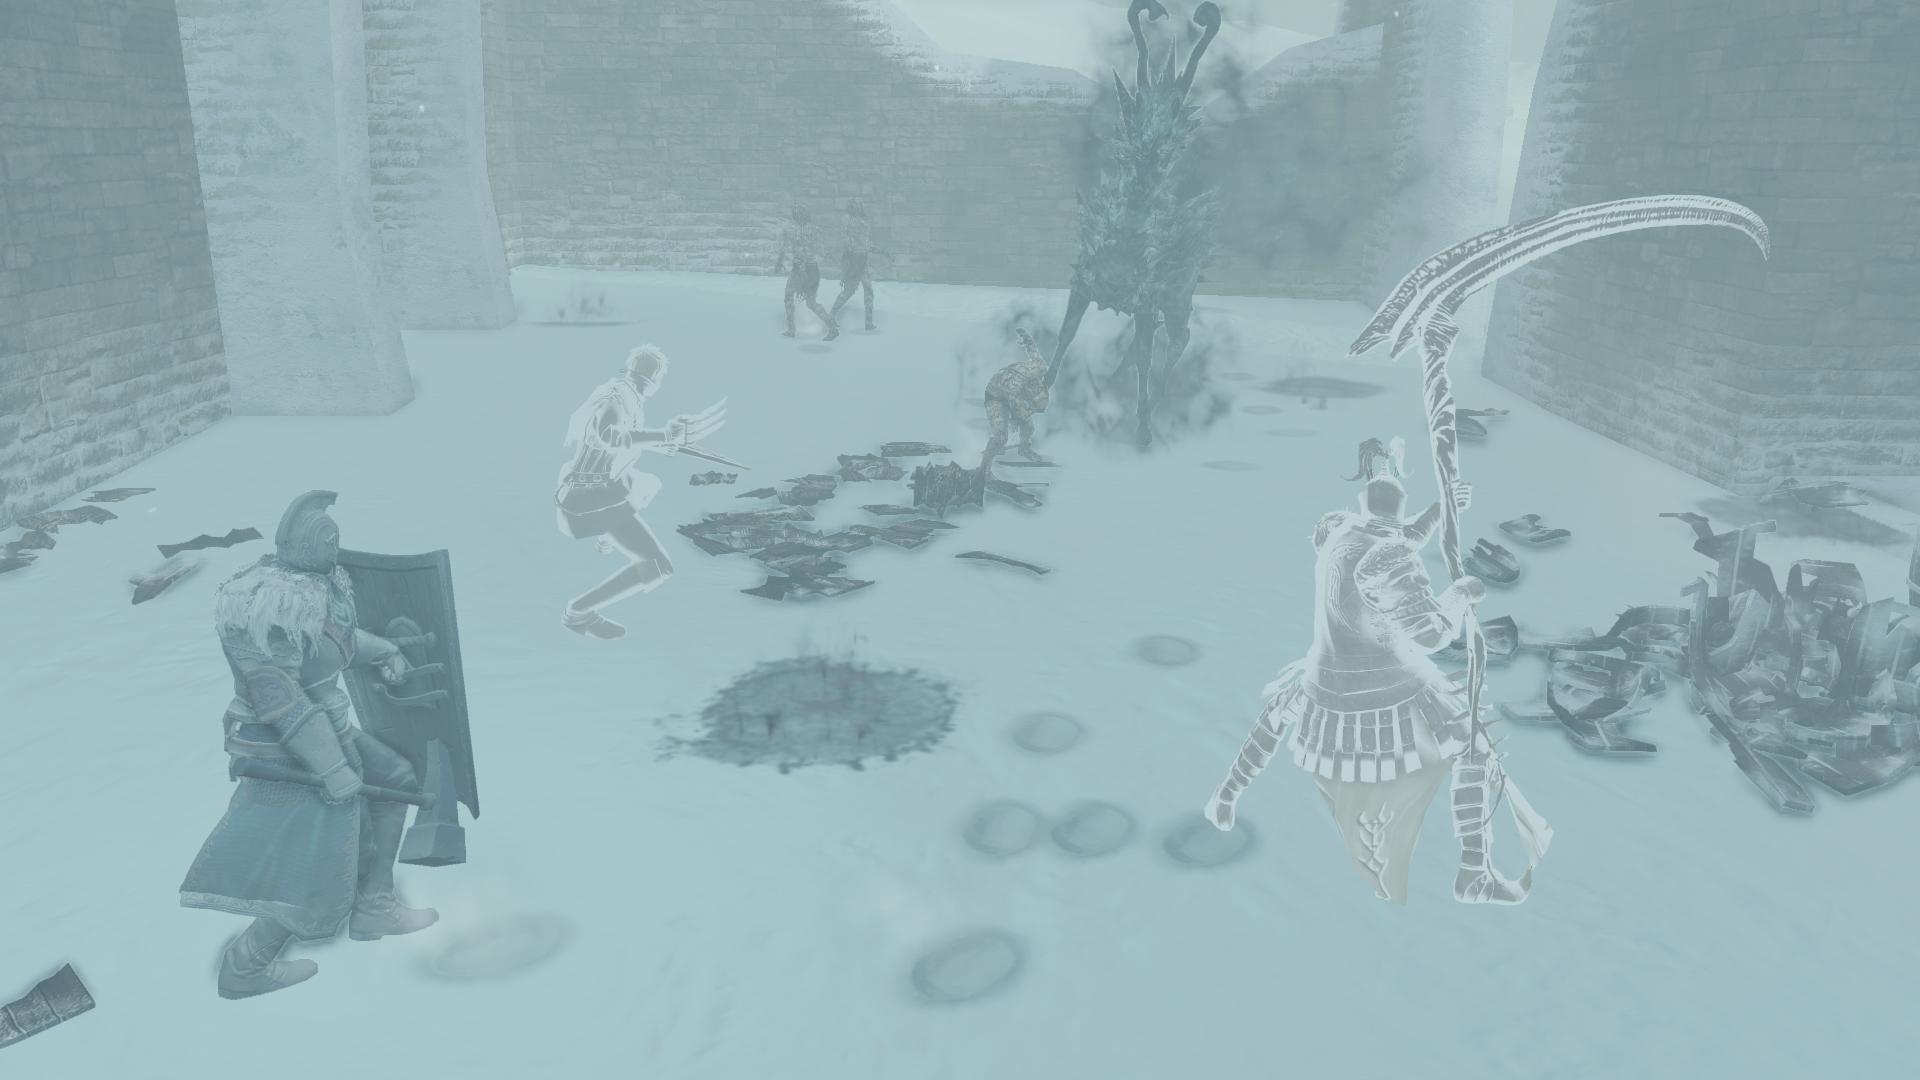 Mráz a vánice ve třetím DLC pro Dark Souls 2 100679